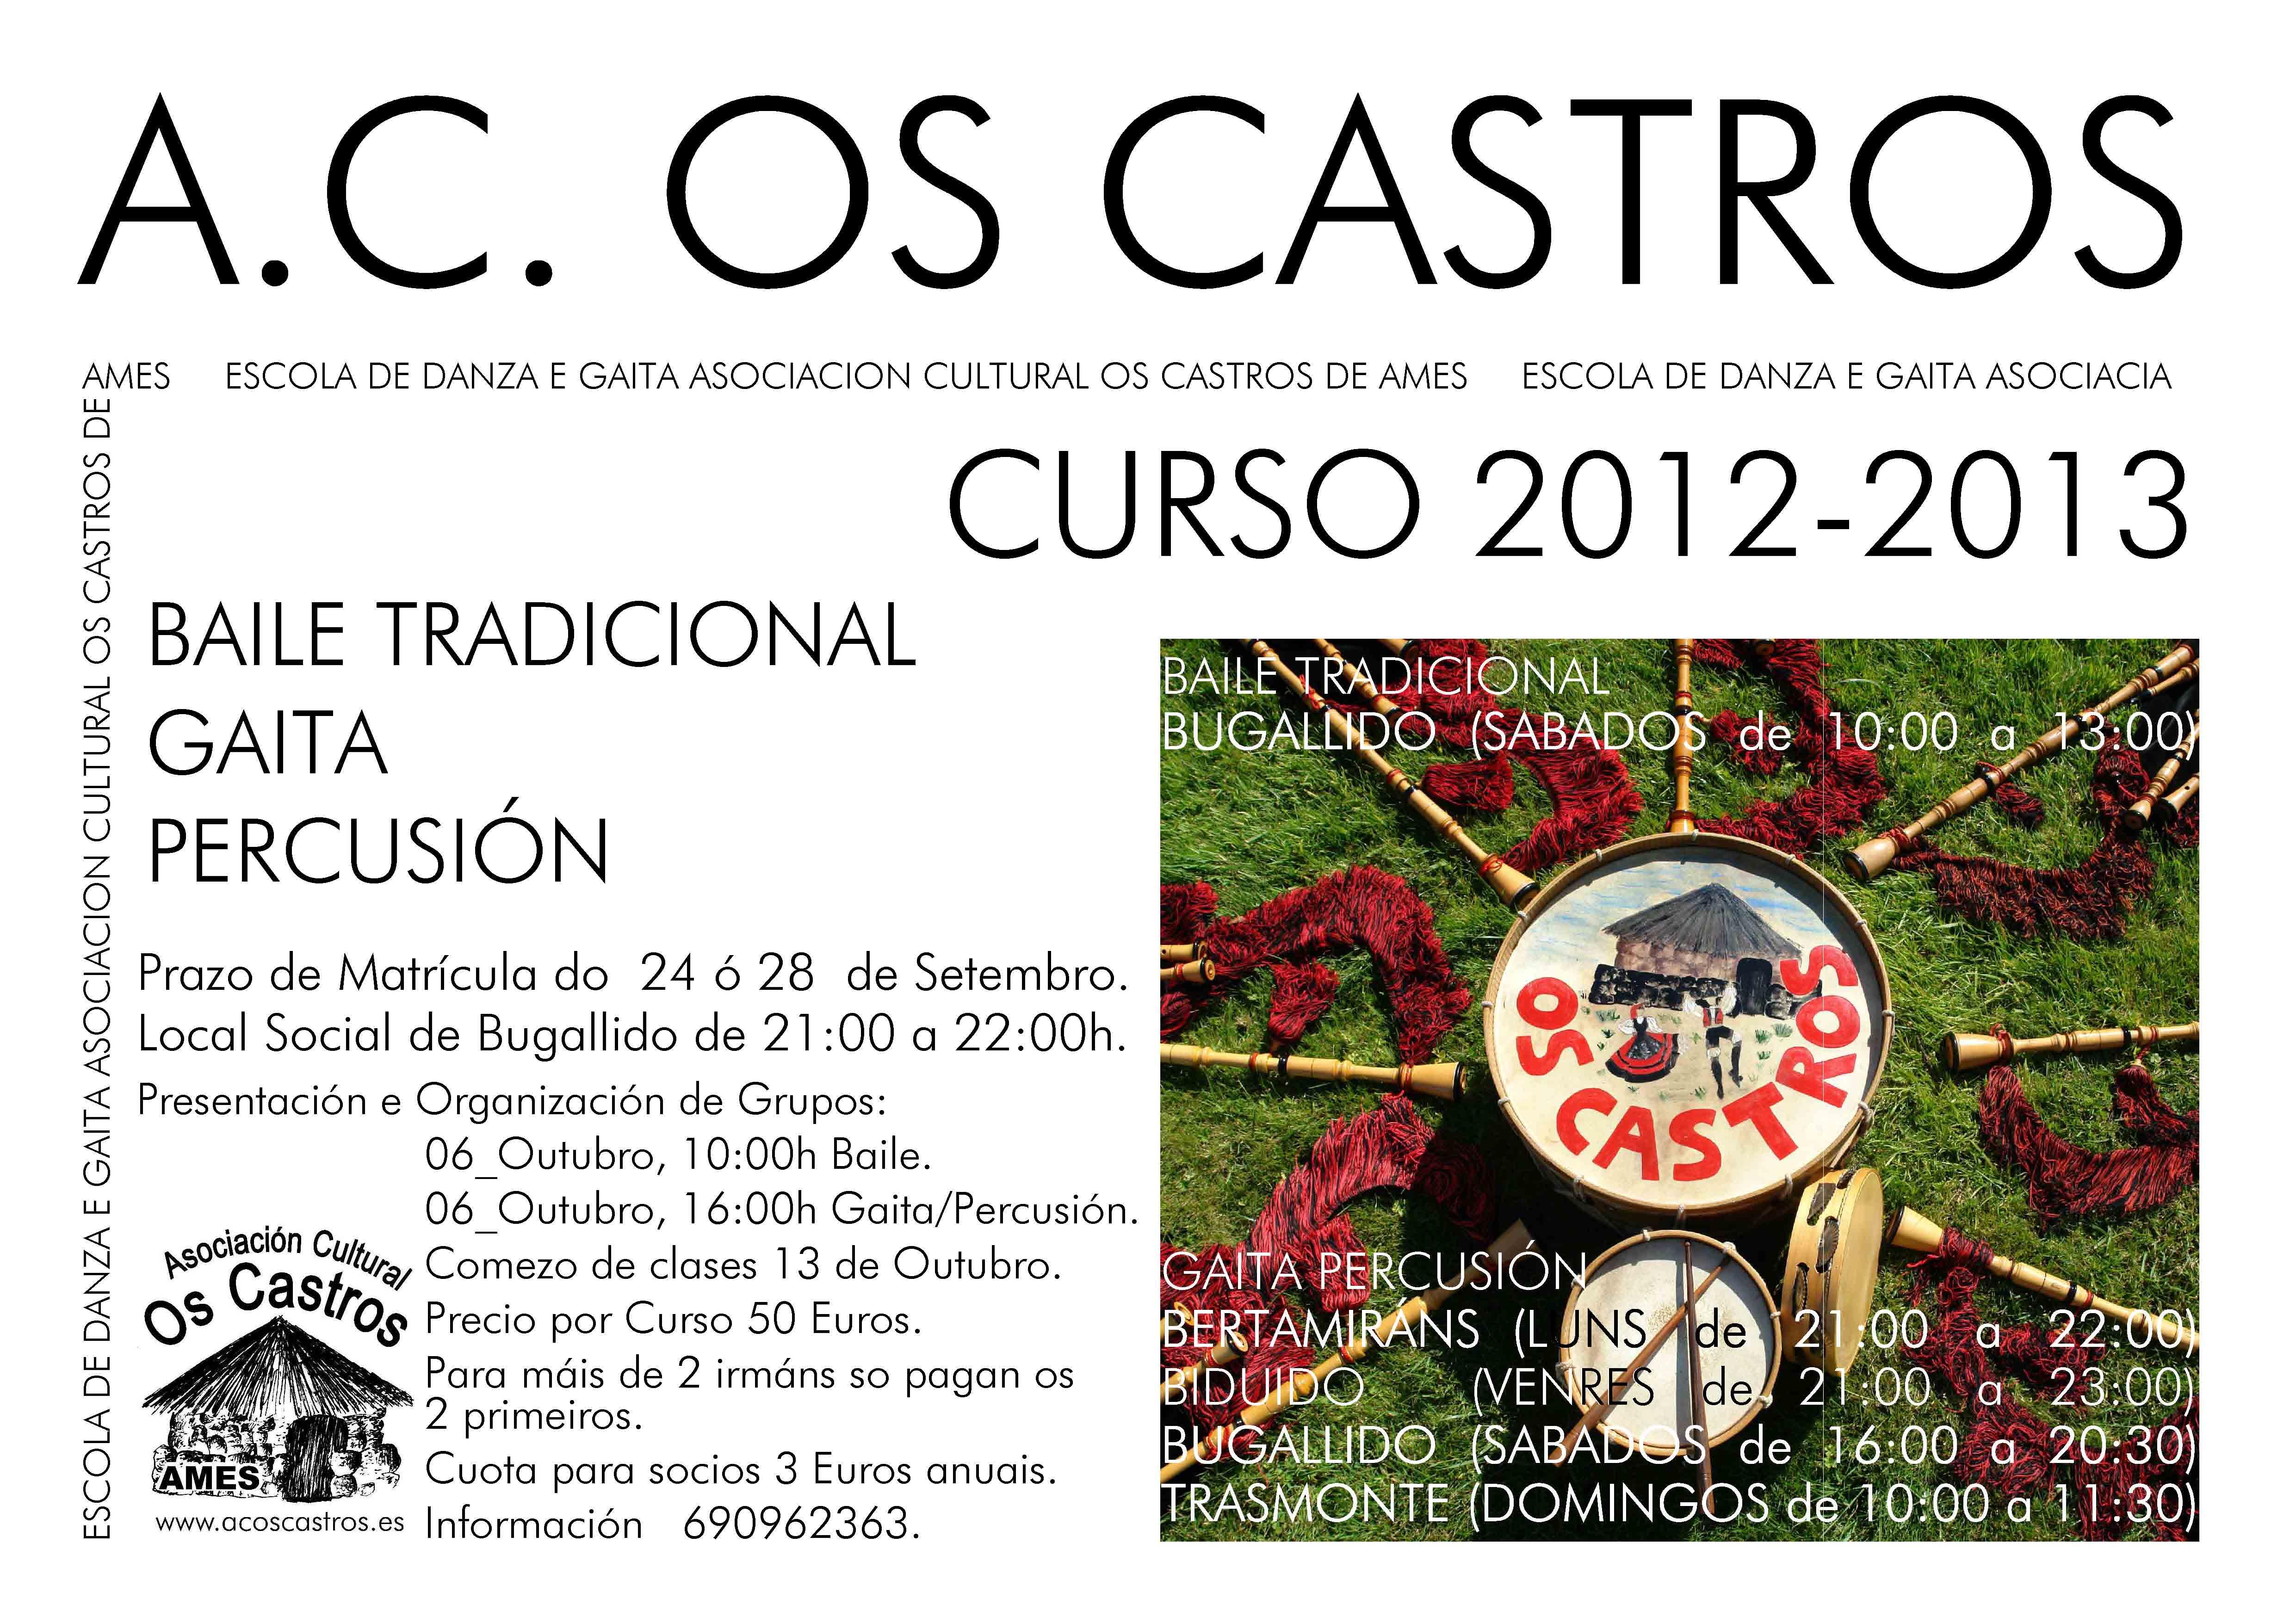 CARTEL CURSO 2012-2013